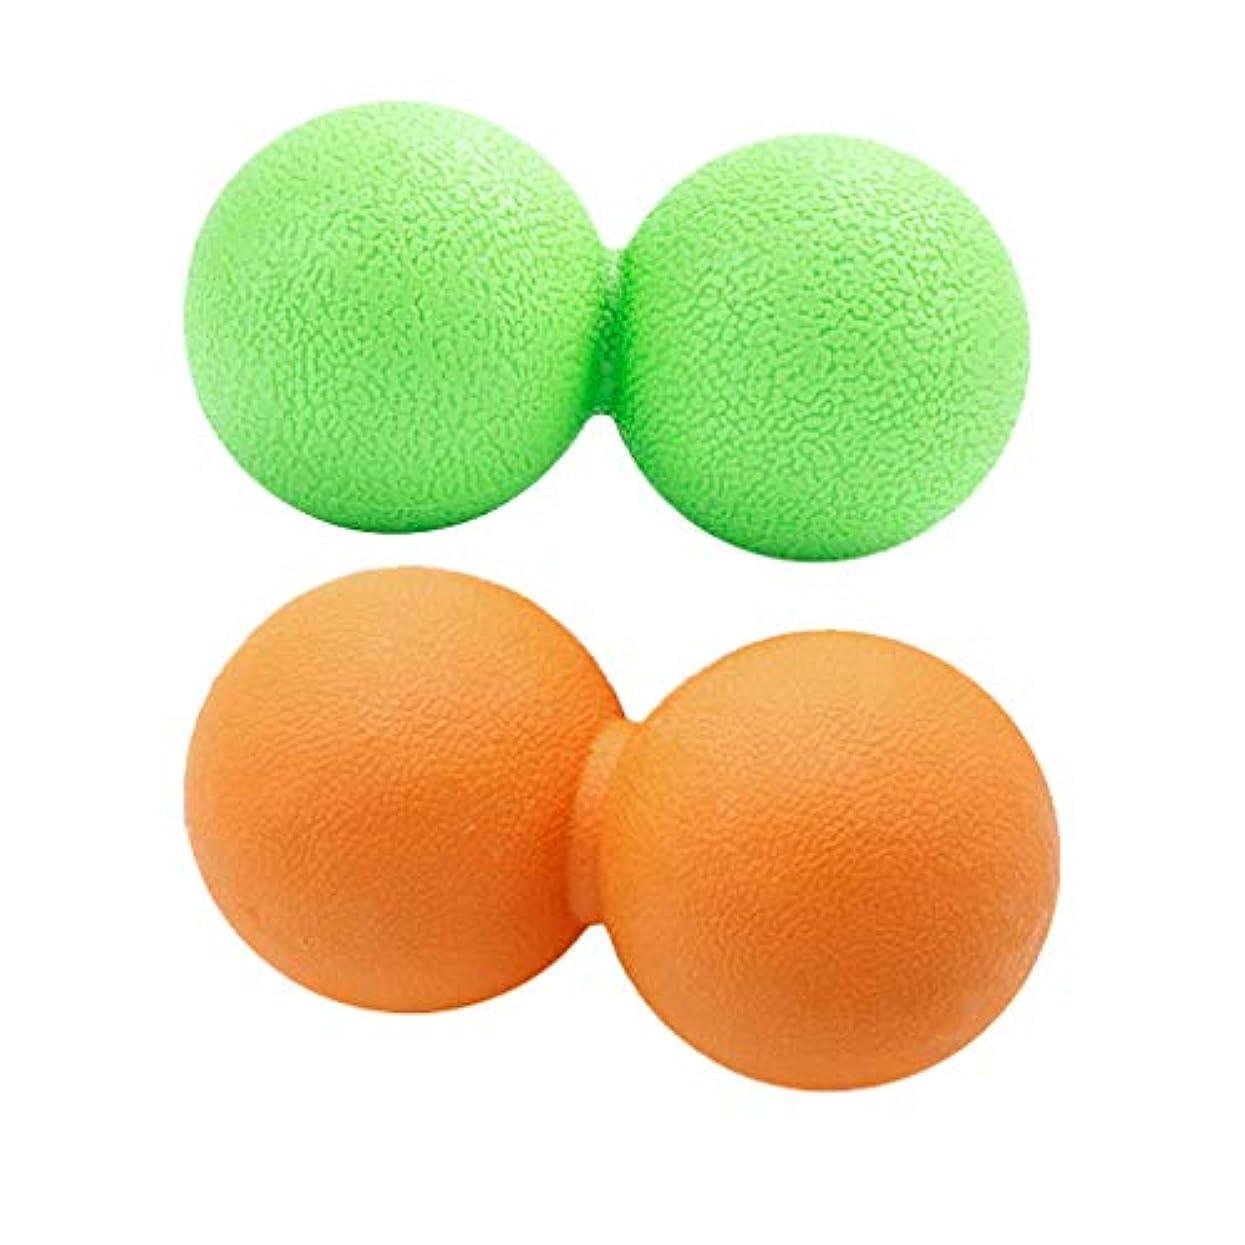 ハブブオーチャード動かすF Fityle マッサージボール ピーナッツ型 筋膜リリース トリガーポイント 緊張緩和 健康グッズ 2個入